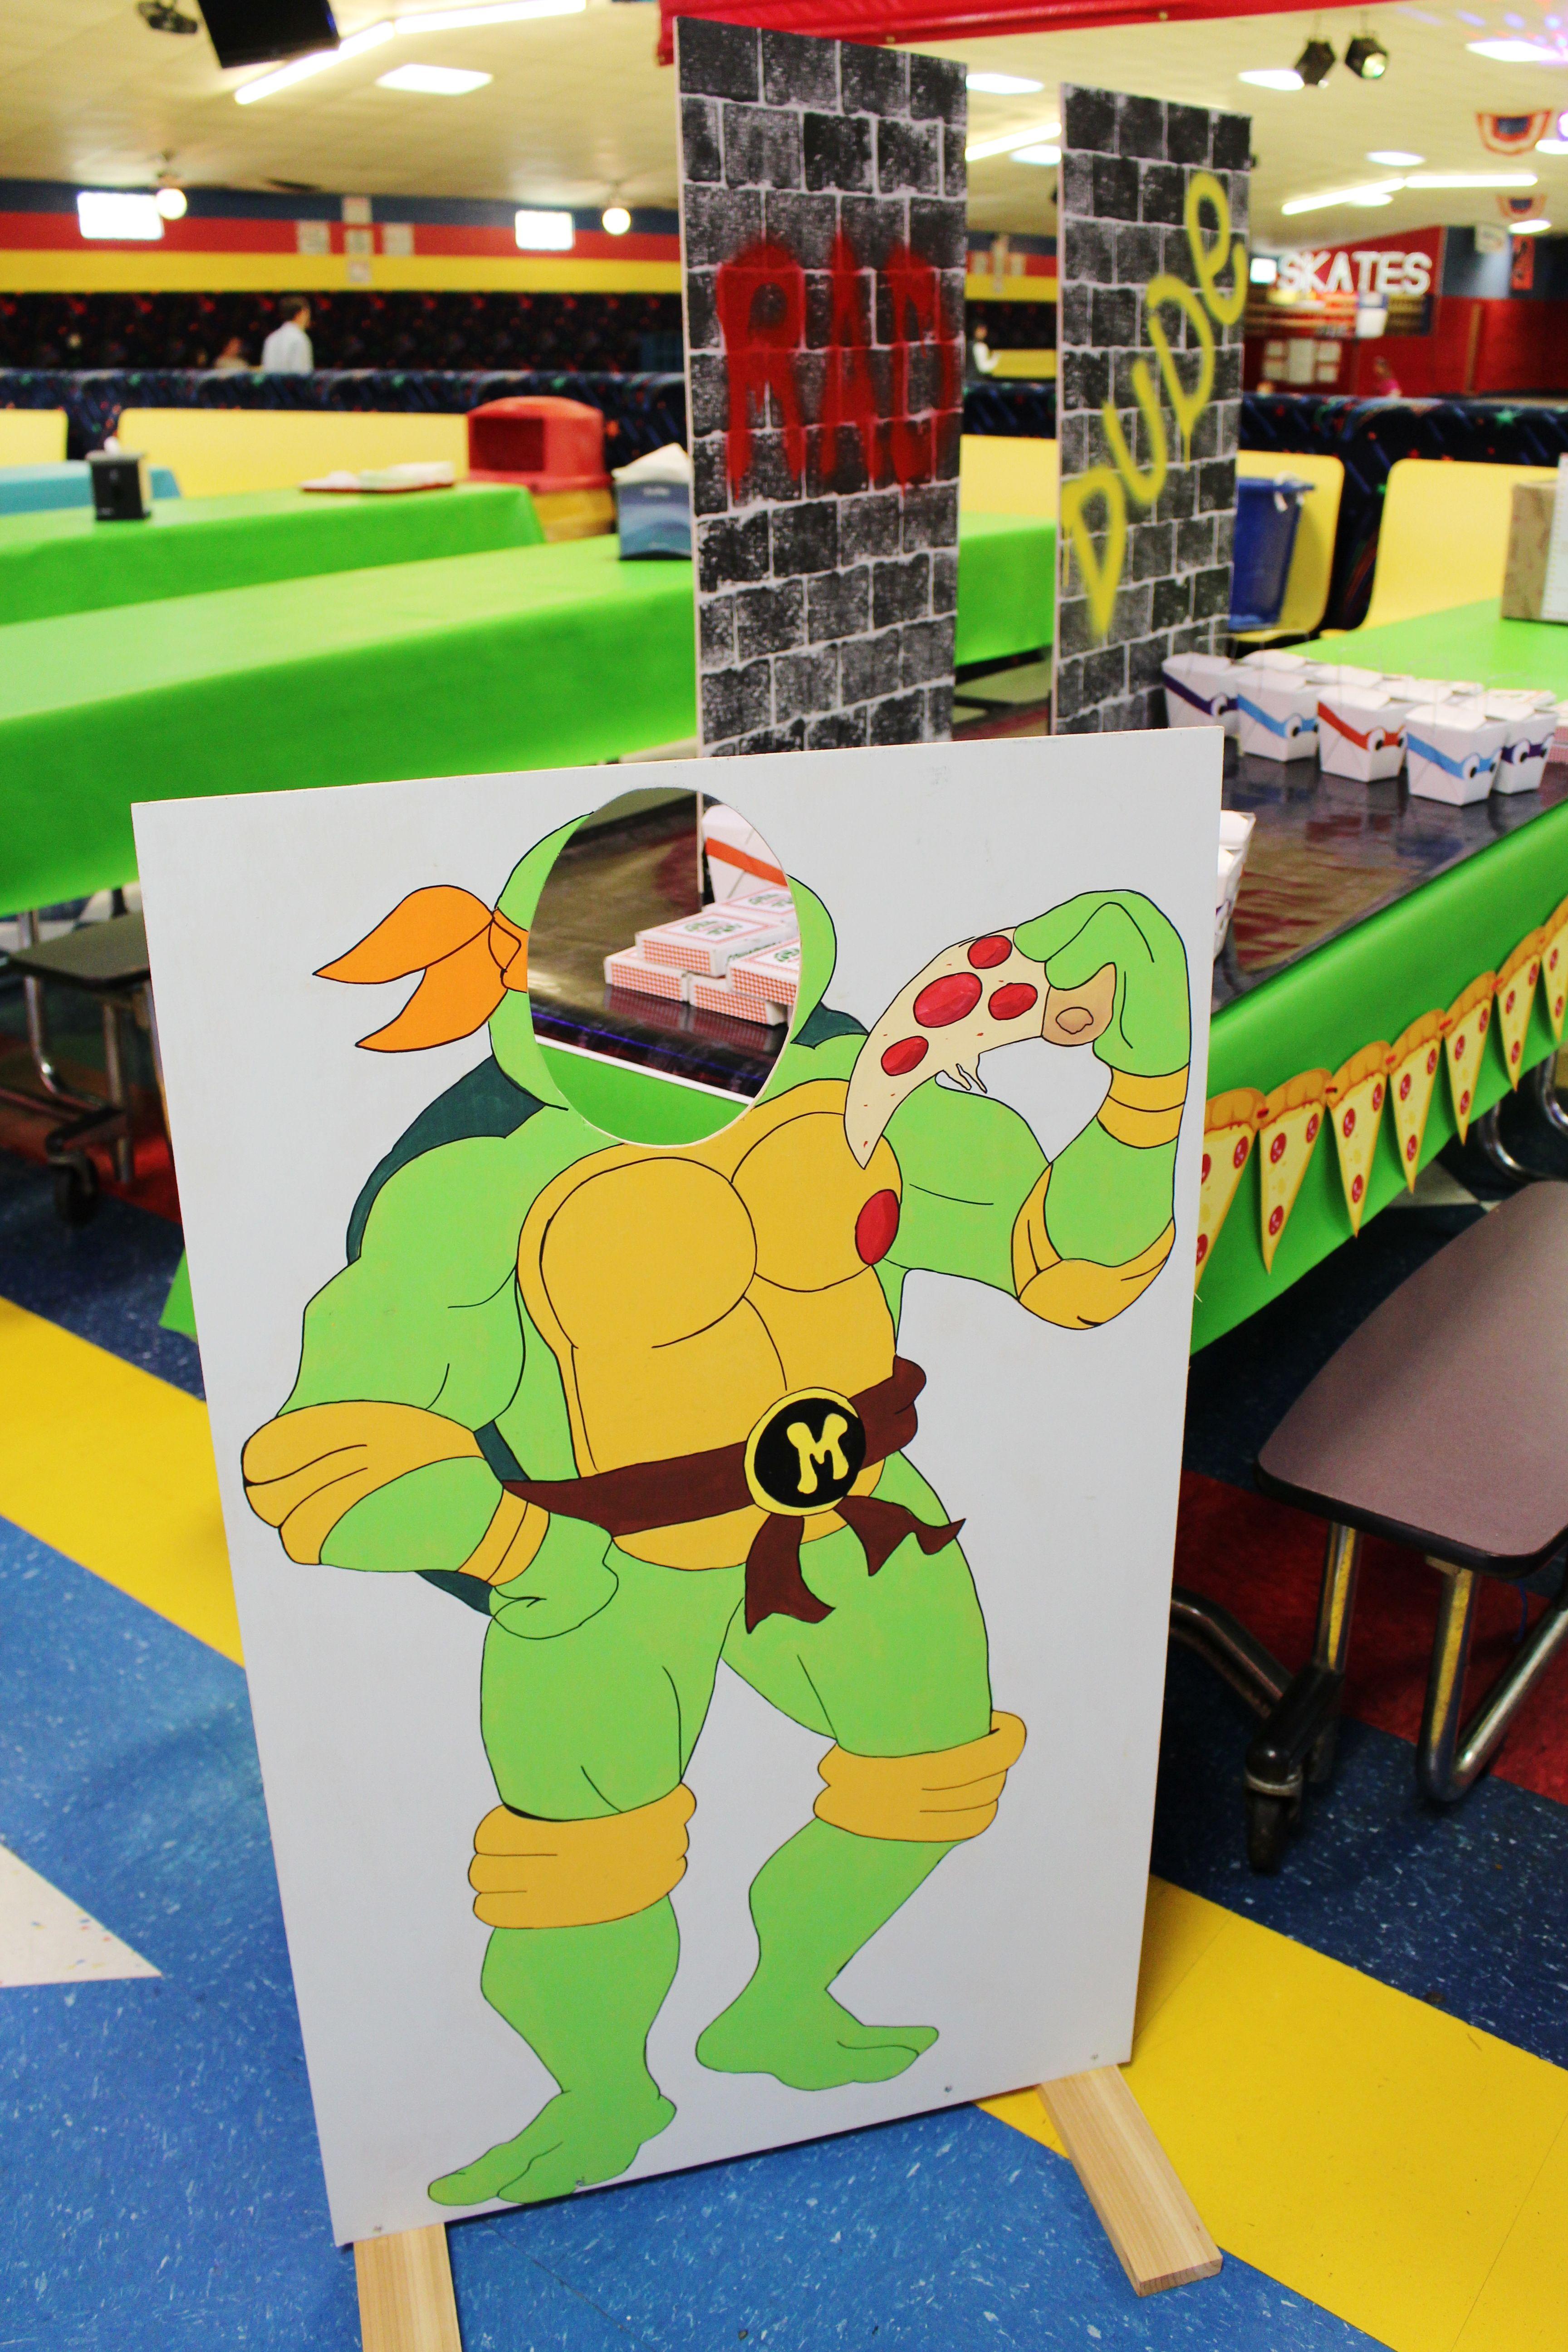 Teenage Mutant Ninja Turtle Party Ideas Tmnt Par Ninja Turtles Birthday Party Teenage Mutant Ninja Turtle Birthday Teenage Mutant Ninja Turtles Birthday Party